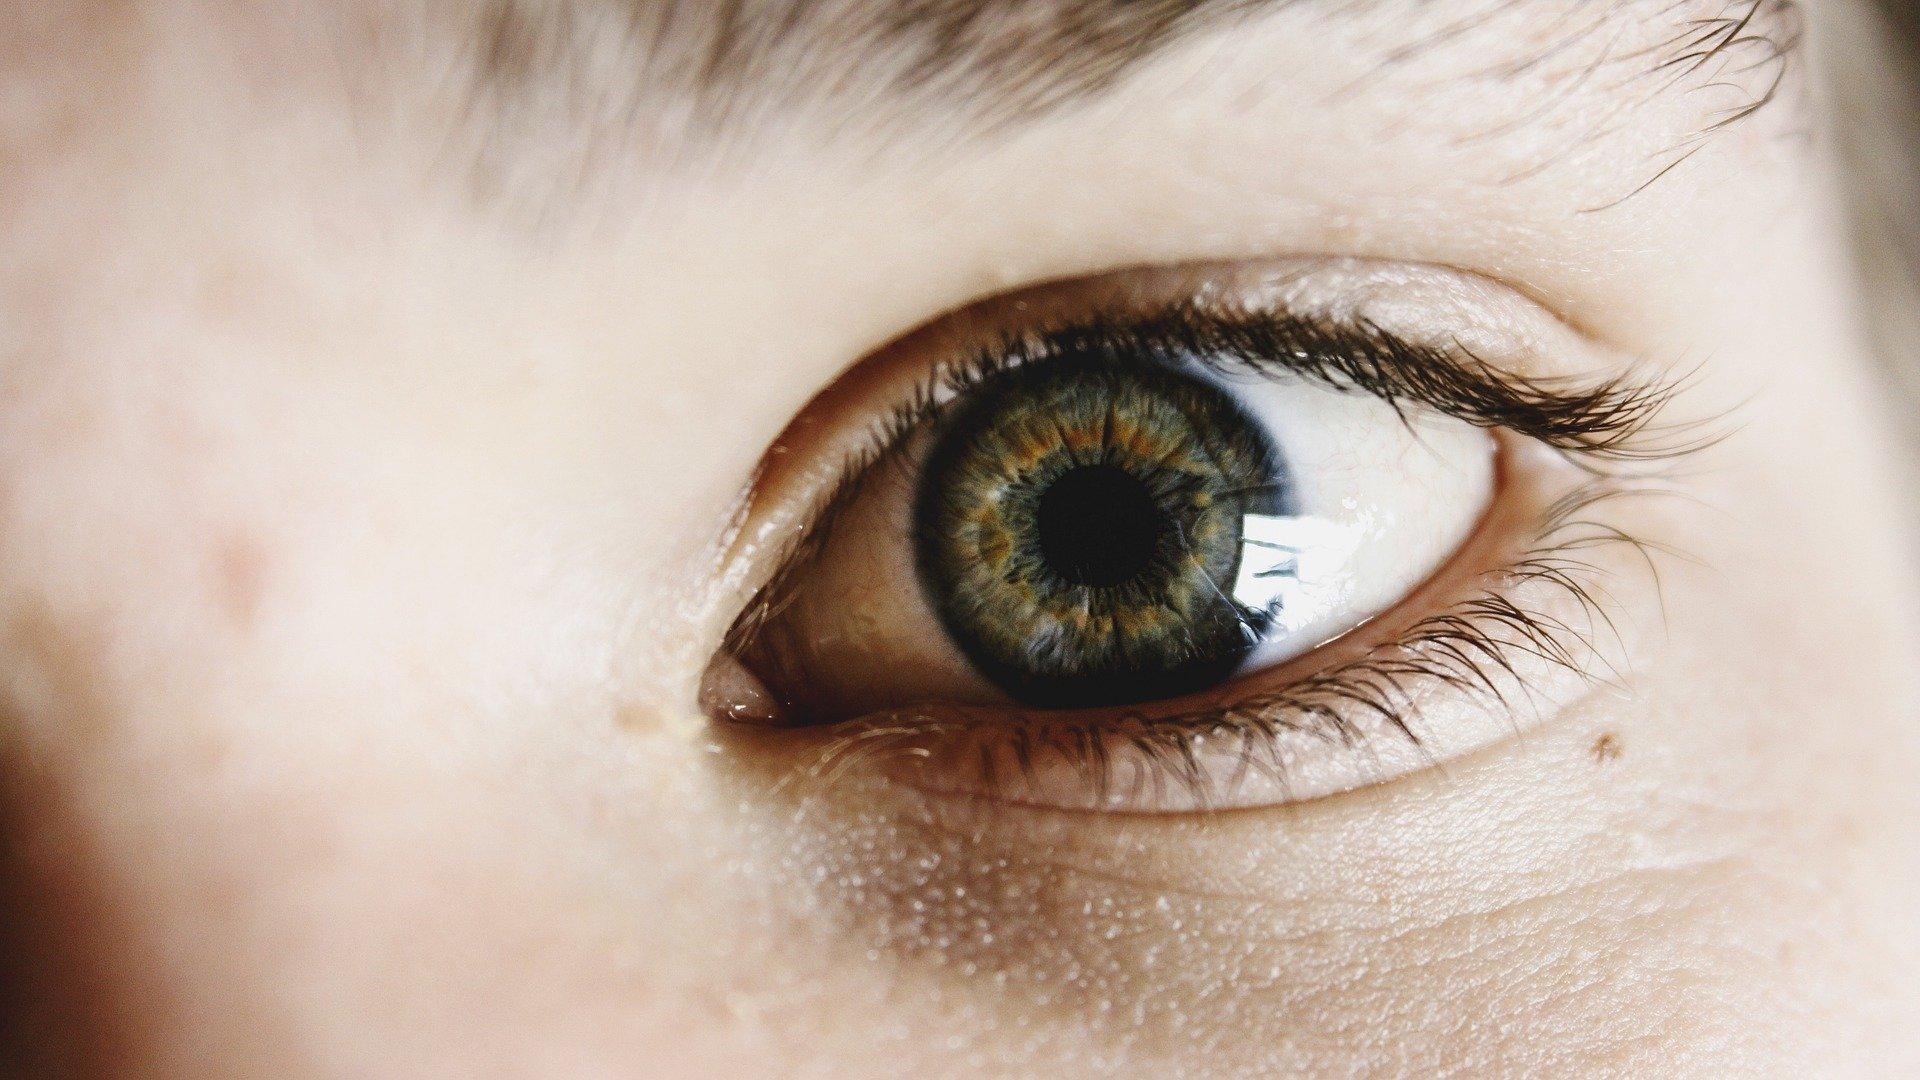 Leren doe je met je ogen, de basis voor leren is een goede werking van de ogen